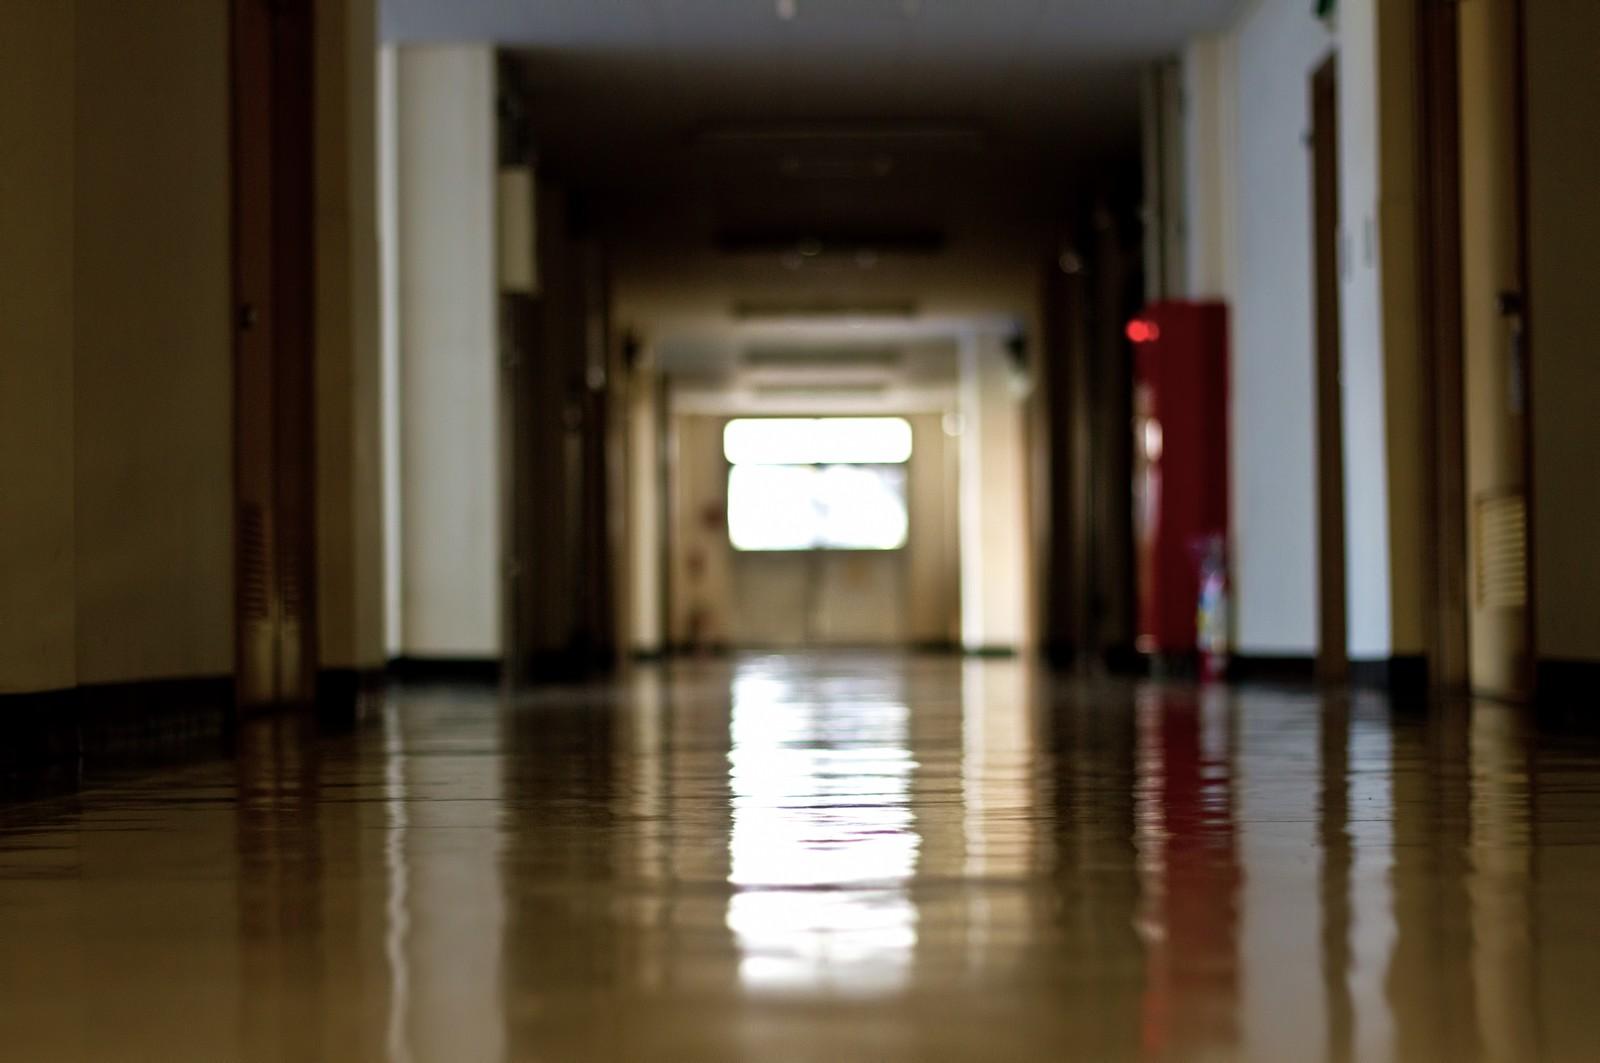 【カラオケ】廊下に漏れてる歌声ってひどいの多いよな?部屋の中では気にならないけど